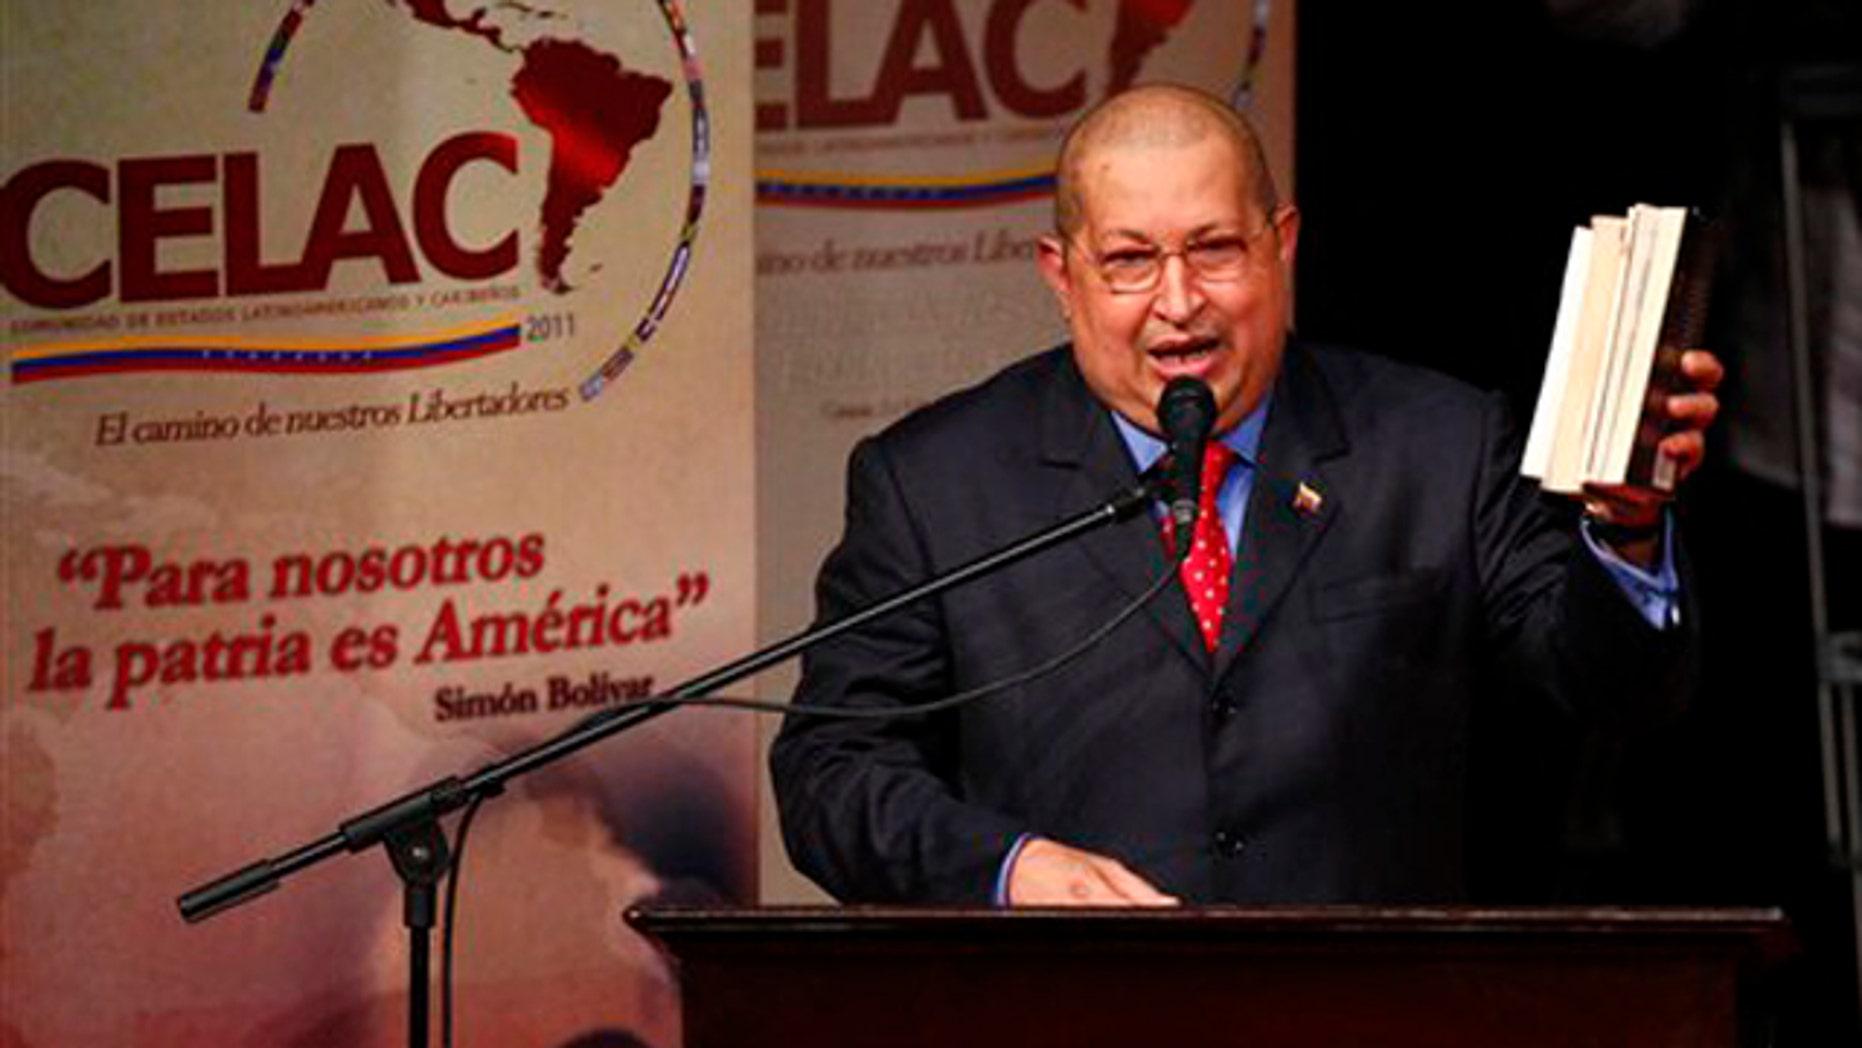 El presidente de Venezuela, Hugo Chávez, pronuncia un discurso en la ceremonia inaugural de la cumbre de la Comunidad de Estados de Latinoamérica y el Caribe en Caracas, Venezuela, el viernes 2 de diciembre del 2011. (AP Foto/Ariana Cubillos)